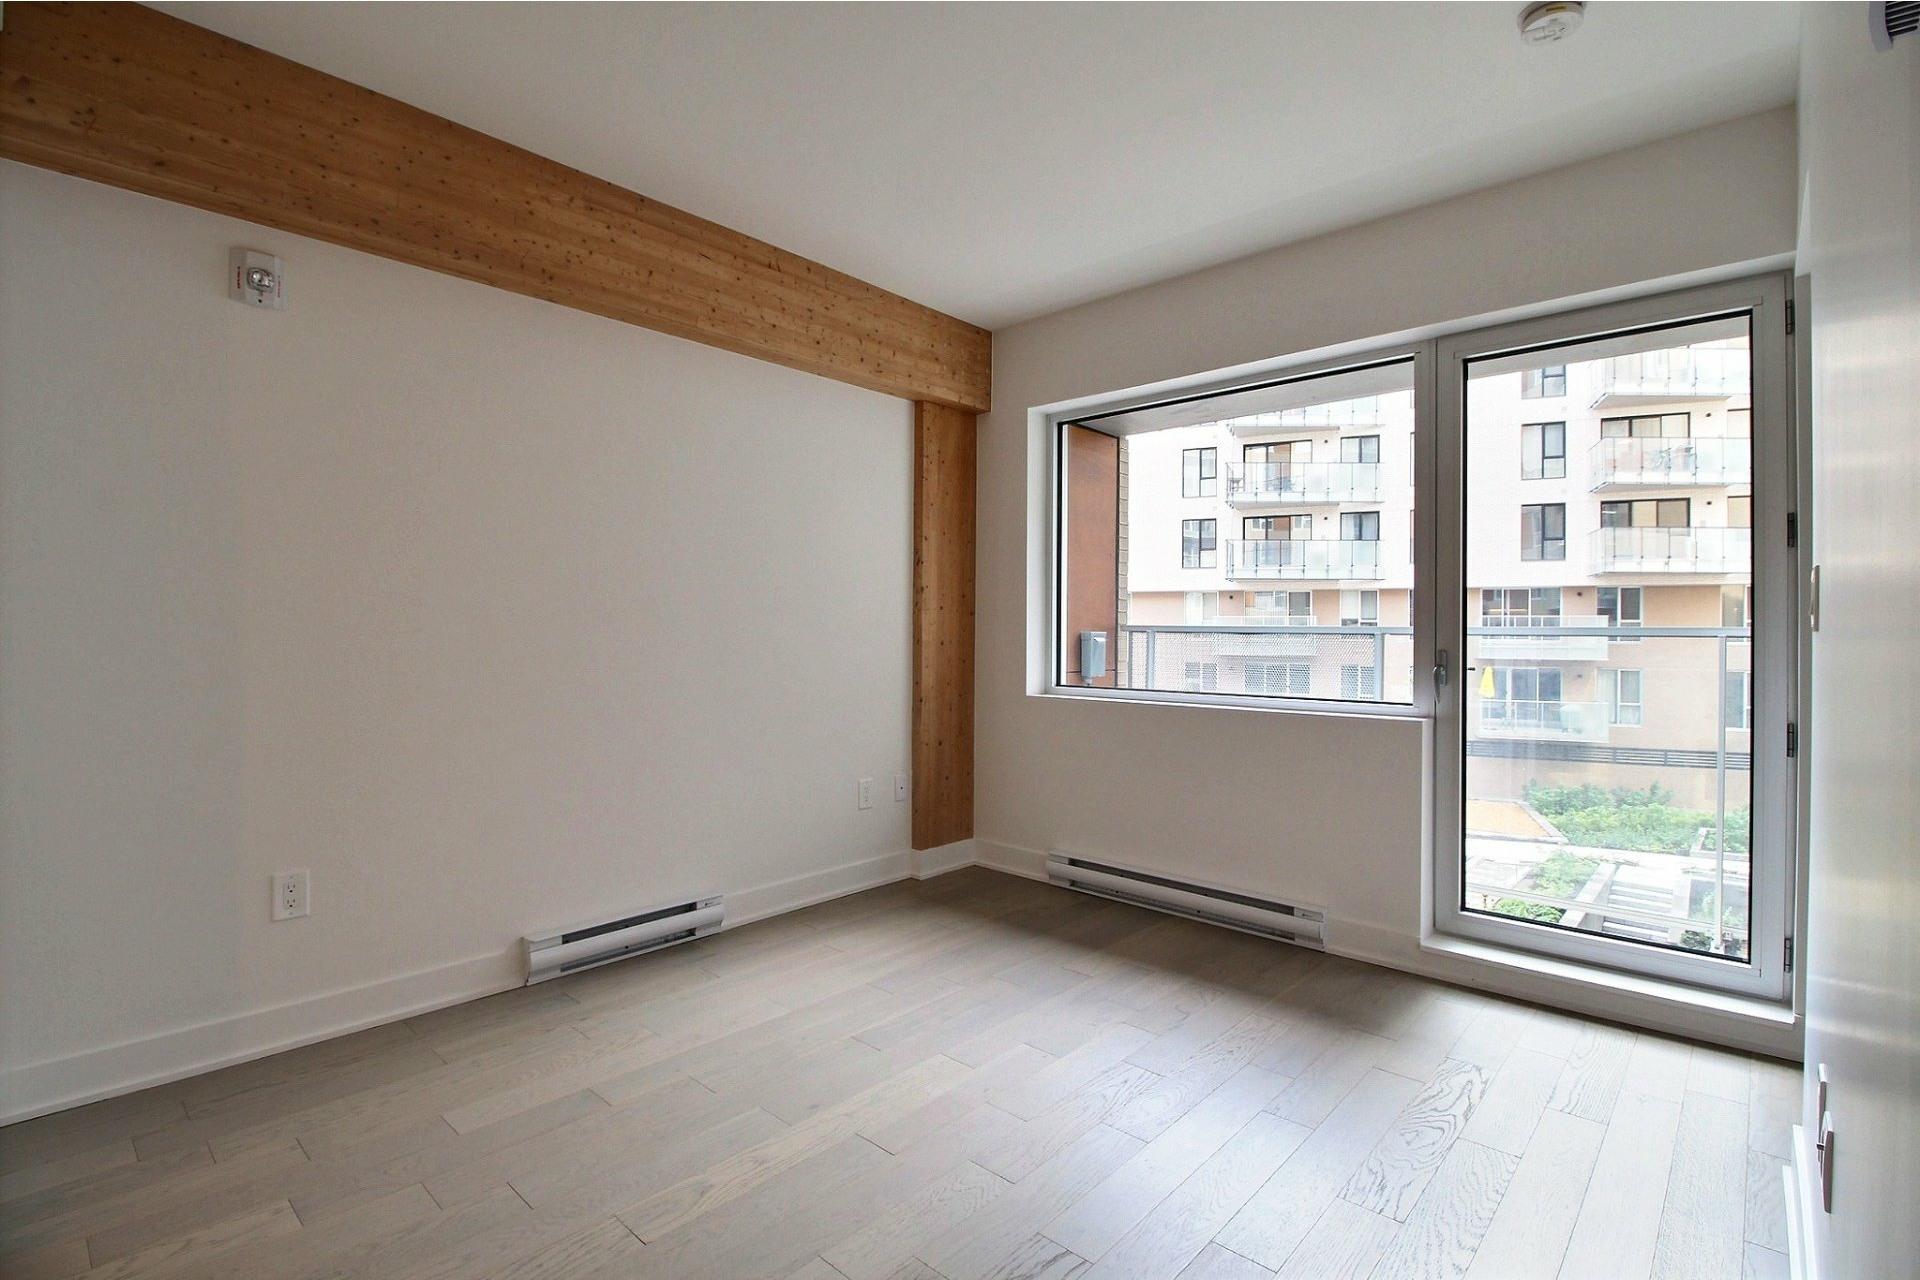 image 4 - Apartment For rent Montréal Le Sud-Ouest  - 4 rooms